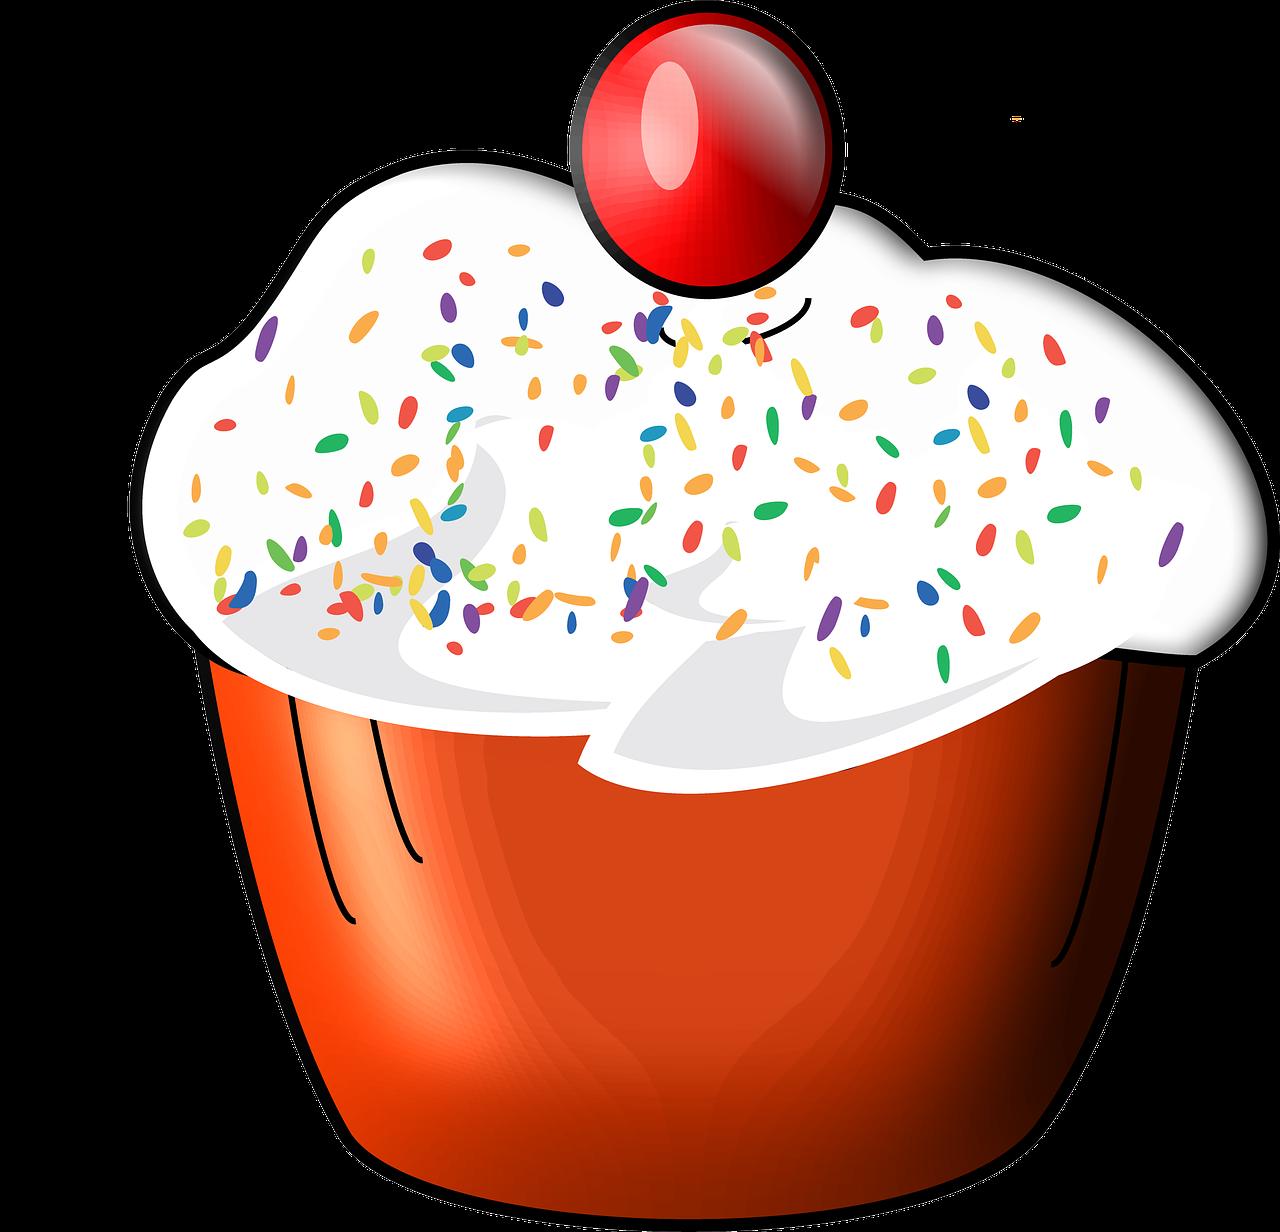 cupcake-526424_1280.png